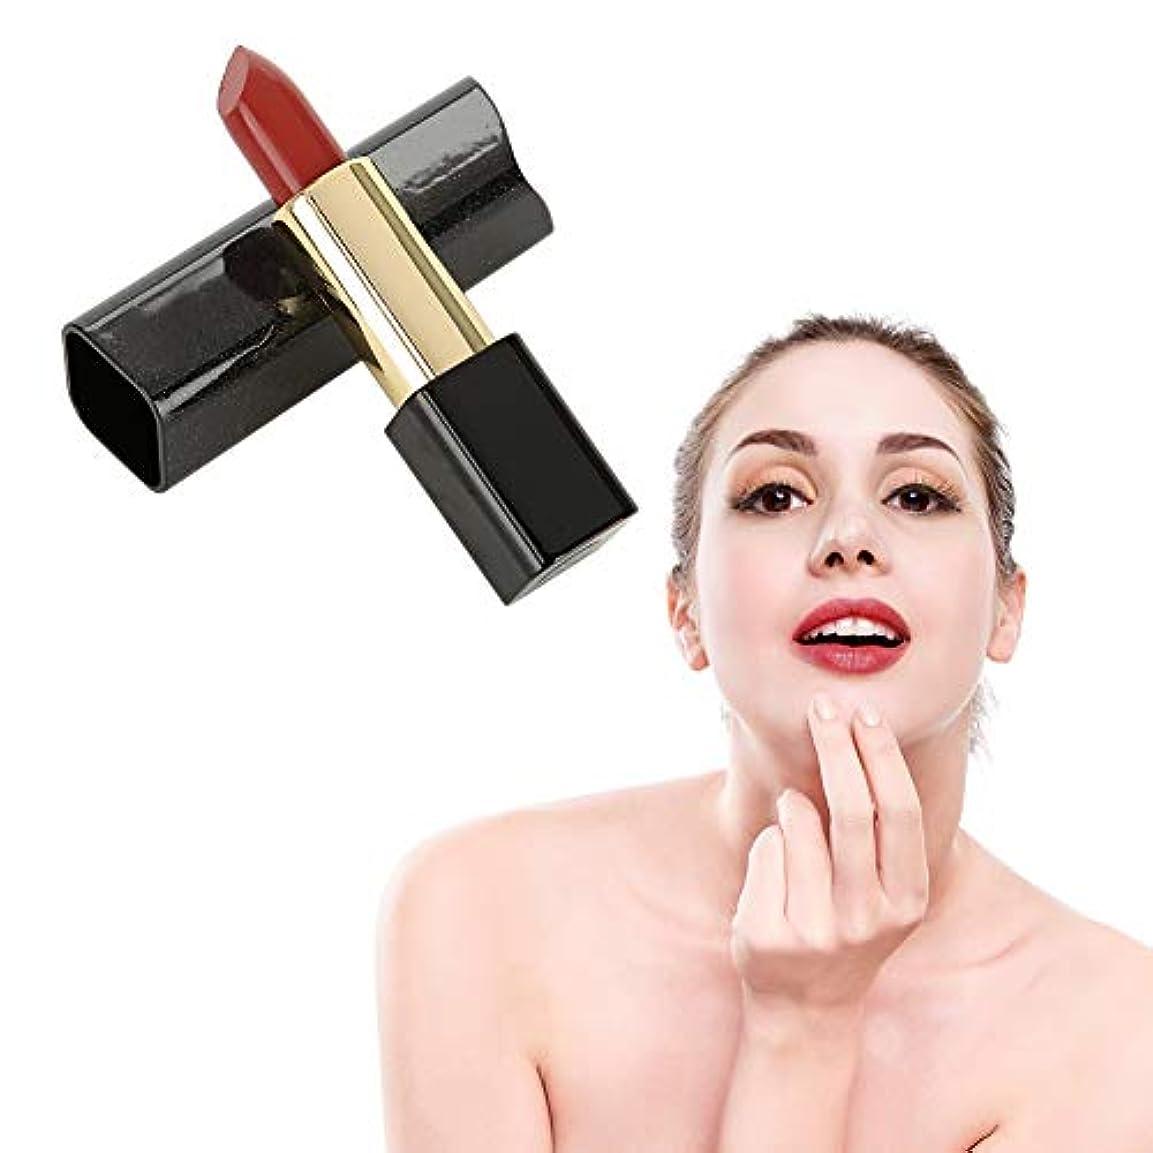 宮殿牧草地膿瘍マットの口紅、きらめきの化粧色の保湿の口紅の長続きがする唇の棒の構造の化粧品用具クリスマスの誕生日の女性のための最もよいギフトバレンタインデー(4)